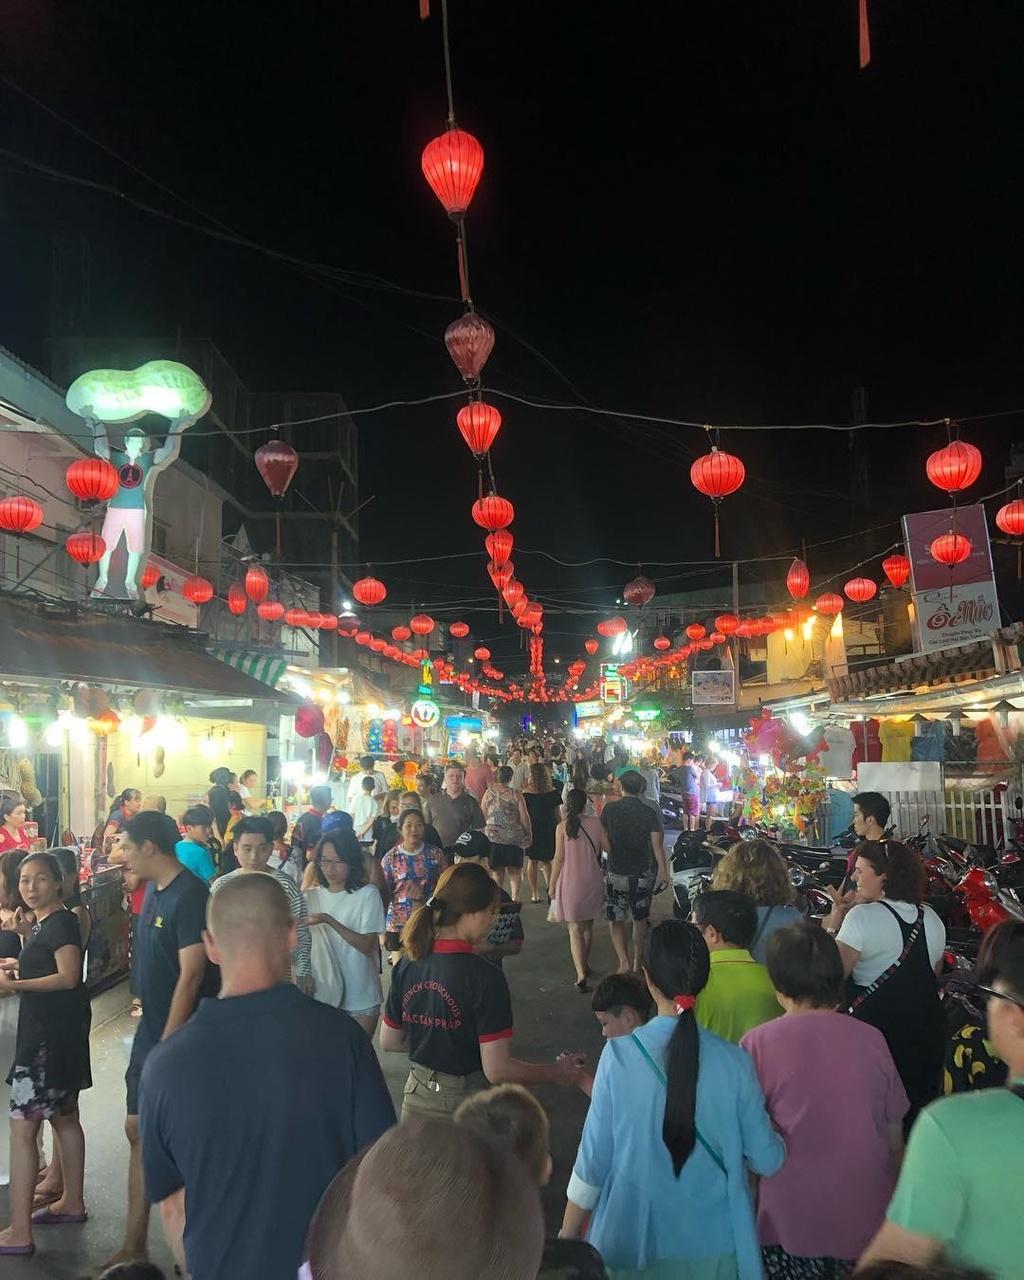 Cho dem Phu Quoc quyen ru moi tin do am thuc dip nghi le hinh anh 2 Chợ đêm Phú Quốc quyến rũ mọi tín đồ ẩm thực dịp nghỉ lễ - anaura2bbi - Chợ đêm Phú Quốc quyến rũ mọi tín đồ ẩm thực dịp nghỉ lễ